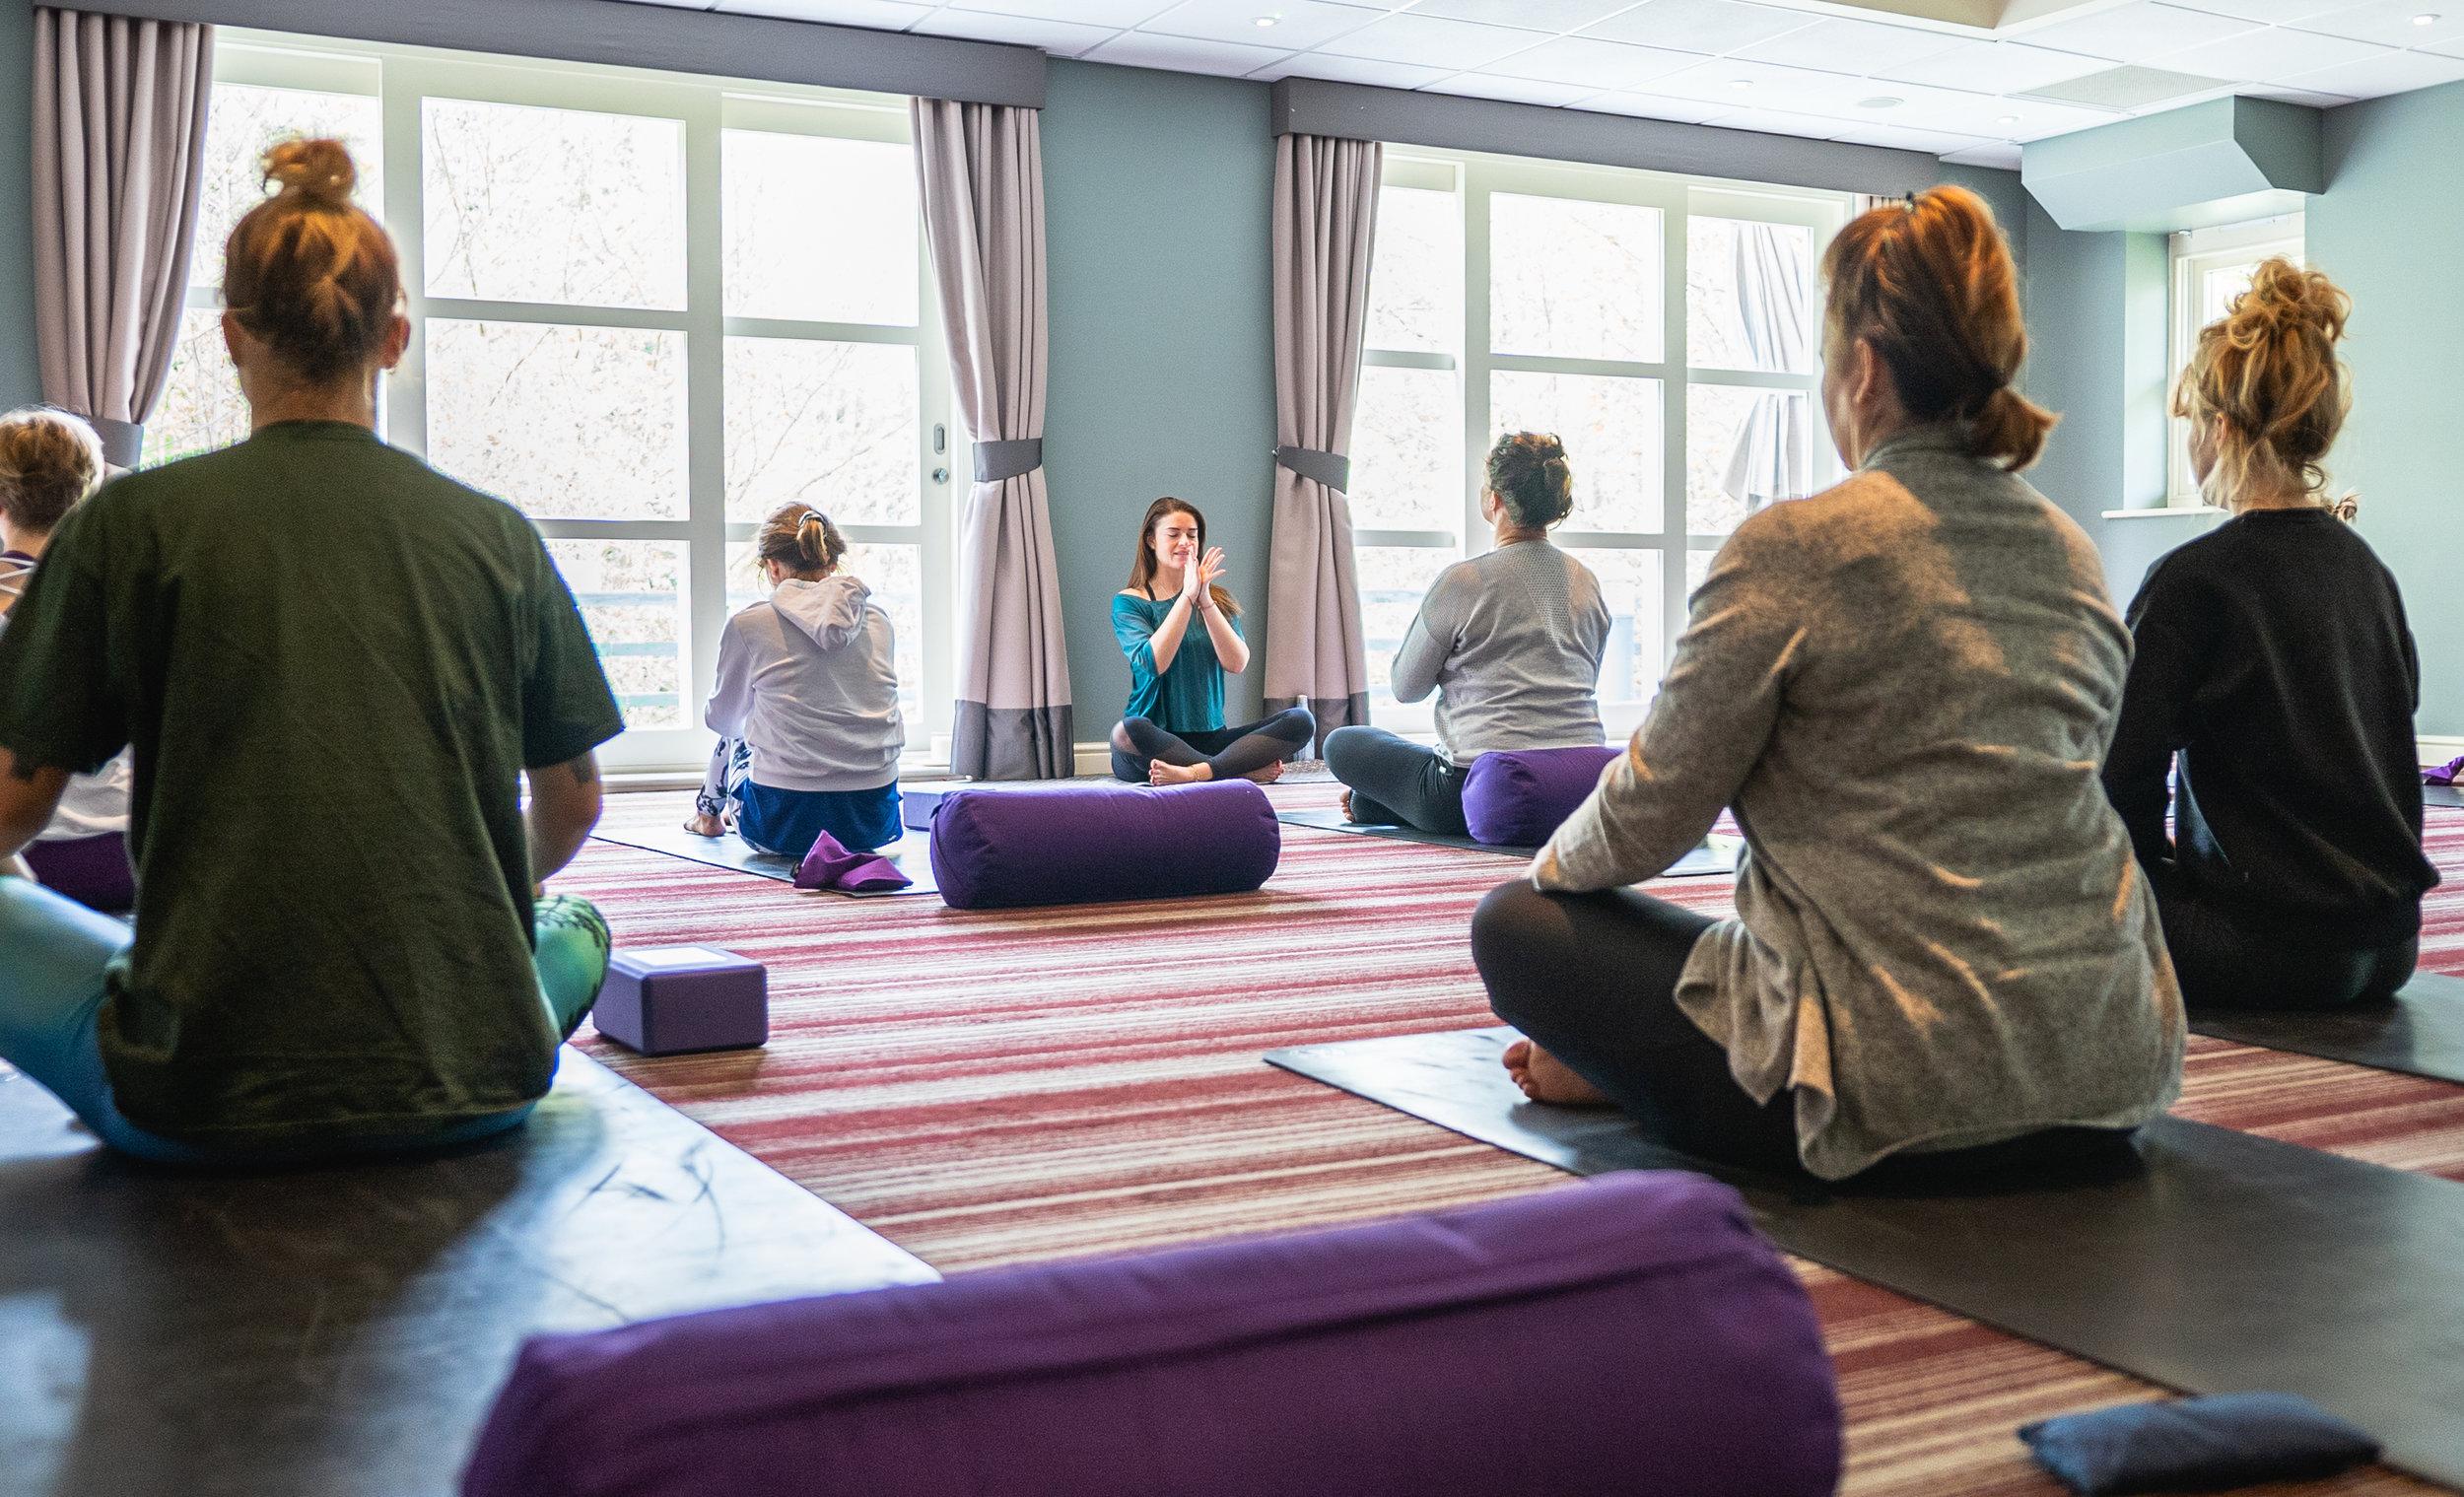 Image: Luxury Yorkshire Coast Yoga Retreat April 2019 - Captured by Marcin Kumeiga